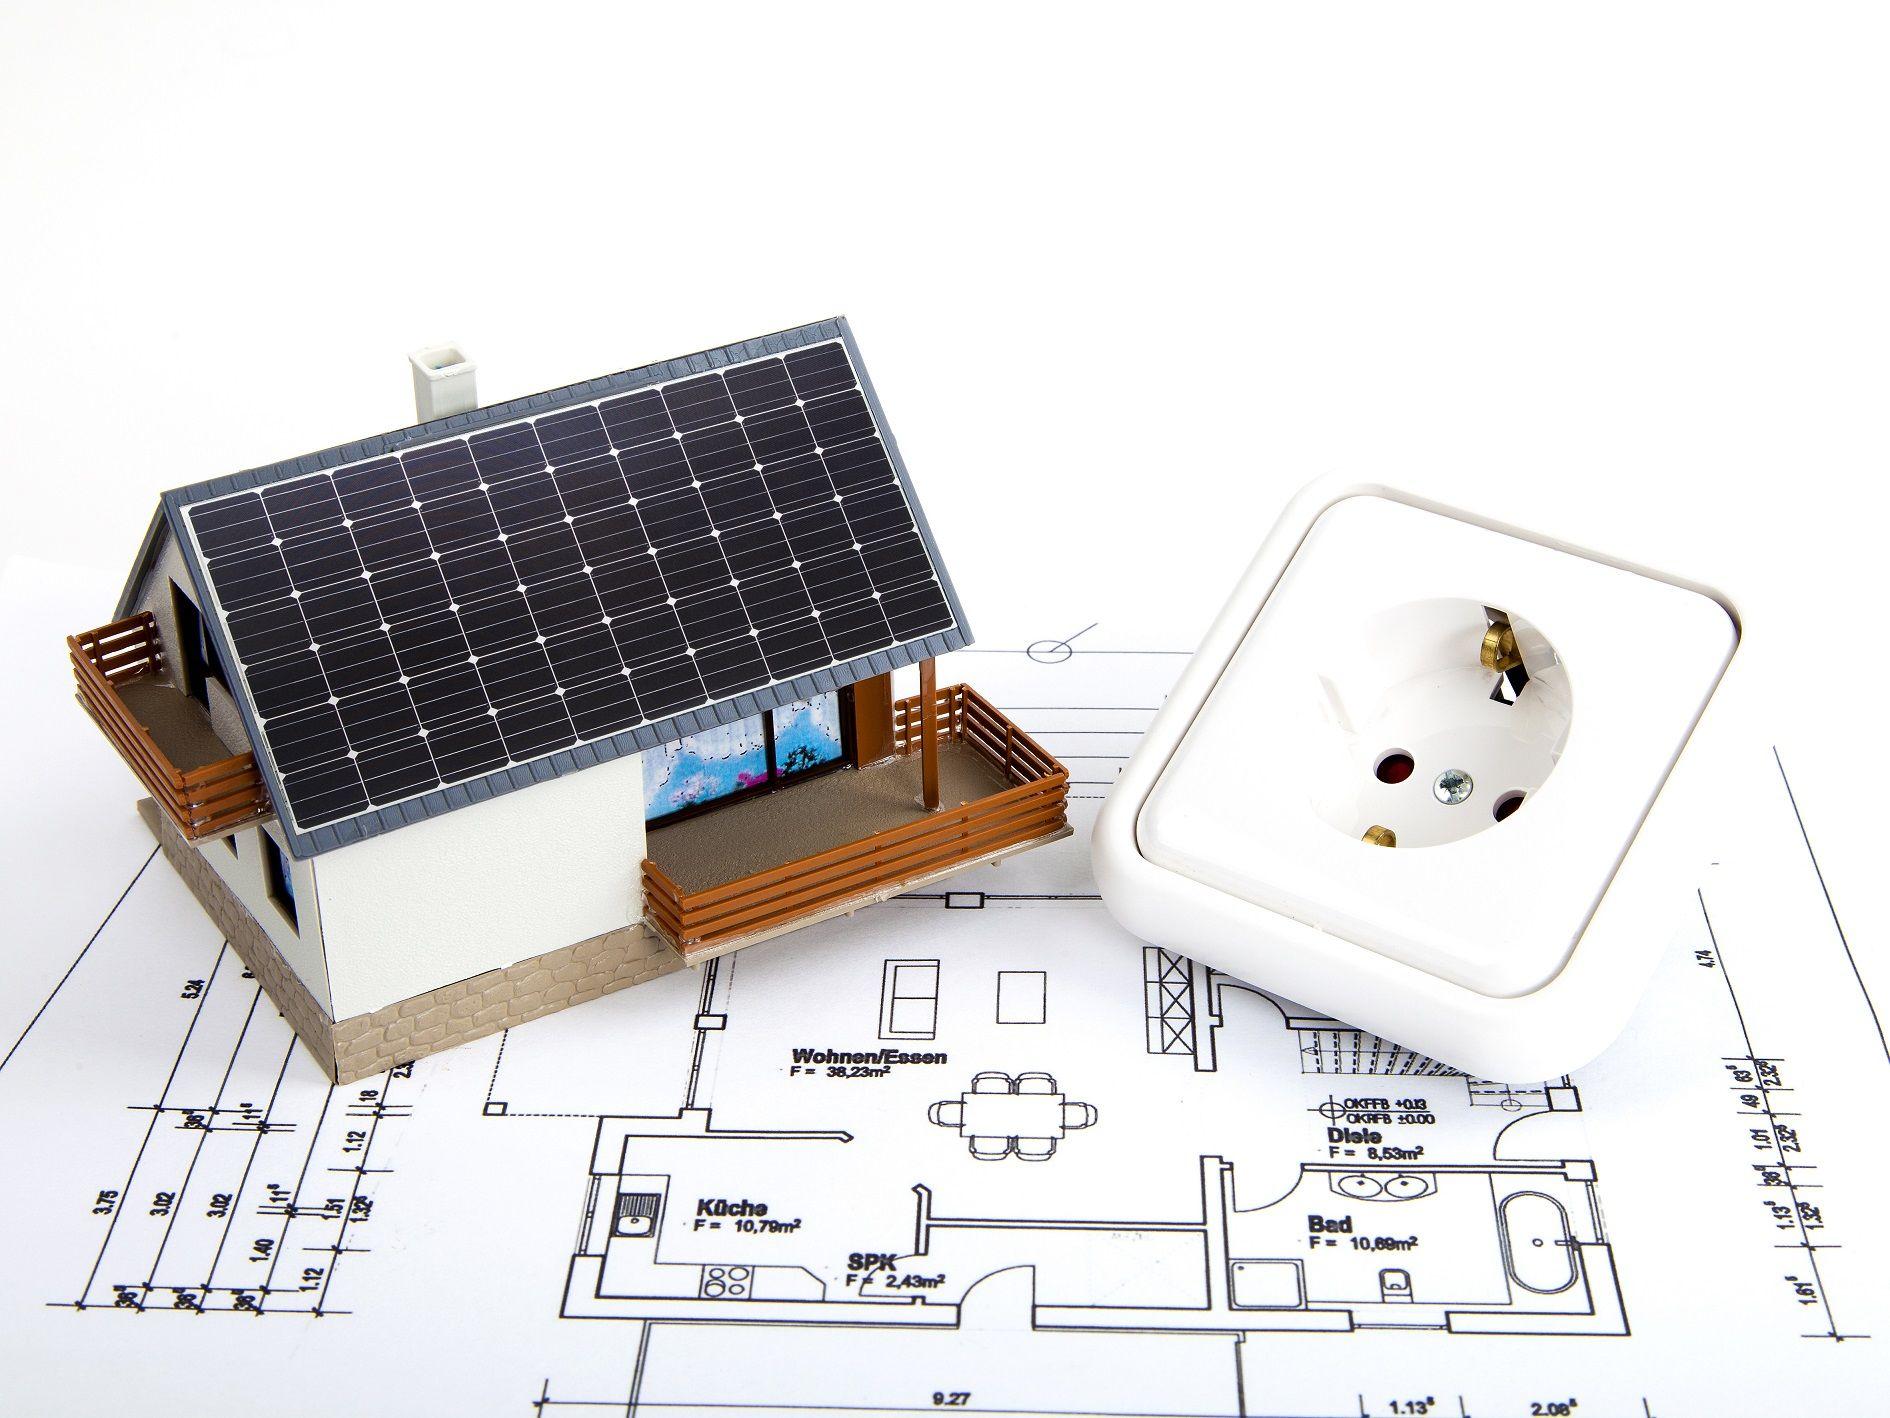 Dimensionamiento de una instalación fotovoltaica para autoconsumo